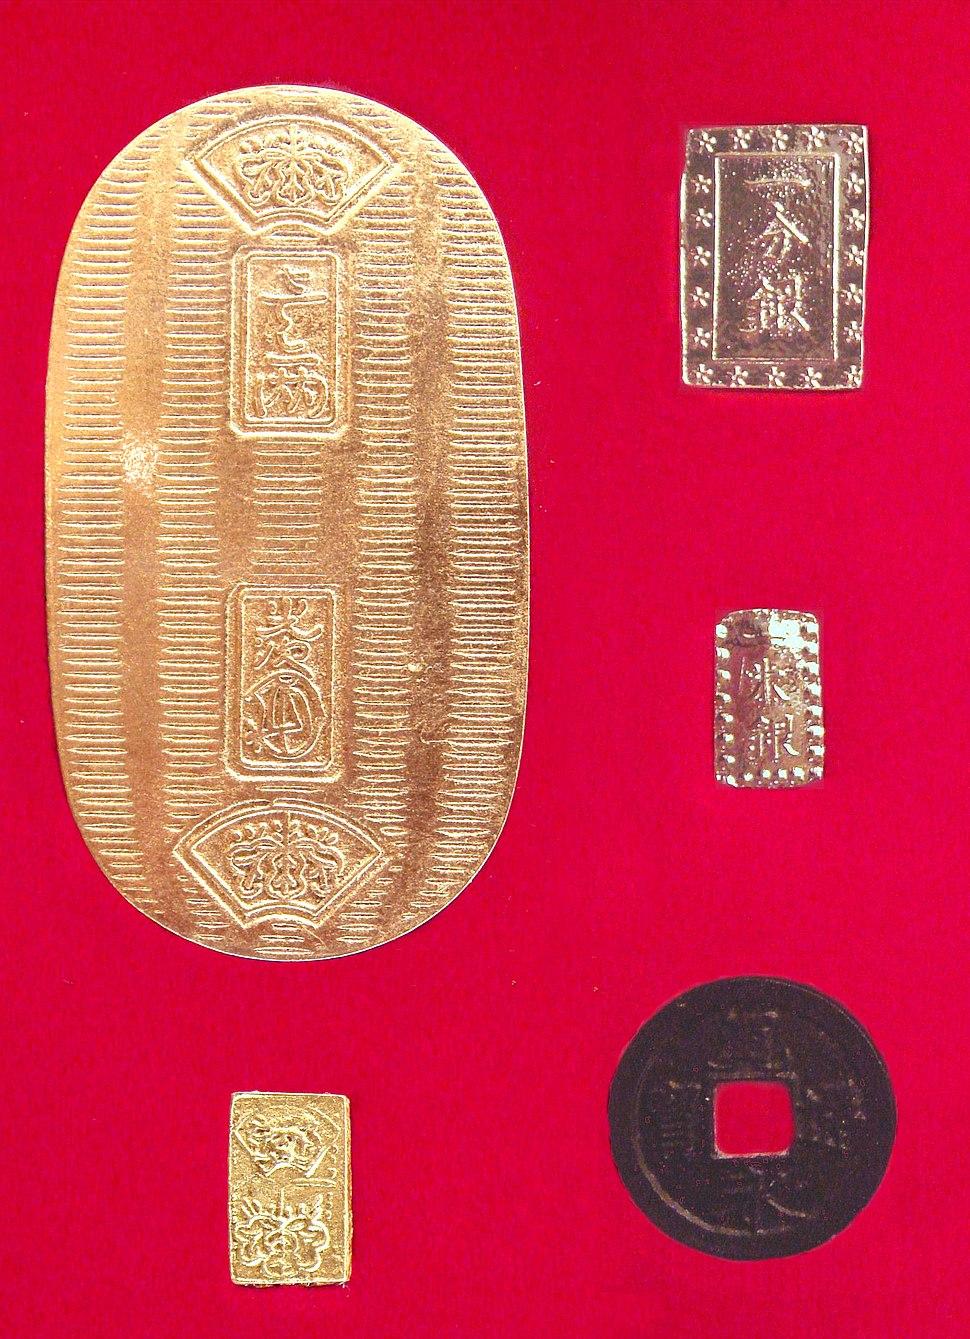 Tokugawa coinage